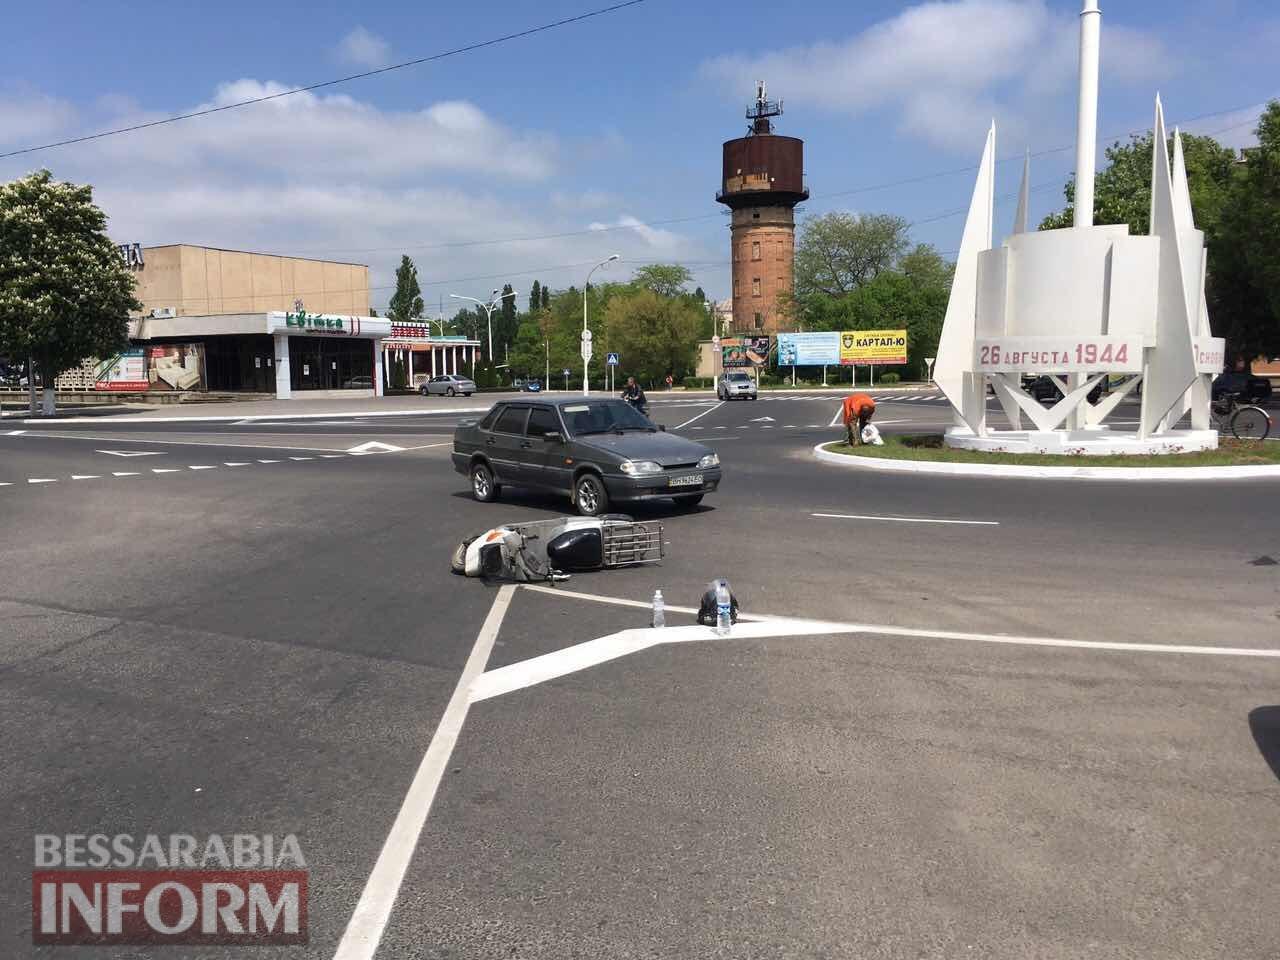 591016a256f56_235435 В воскресенье на дорогах Измаила пострадали мопедист и велосипедист